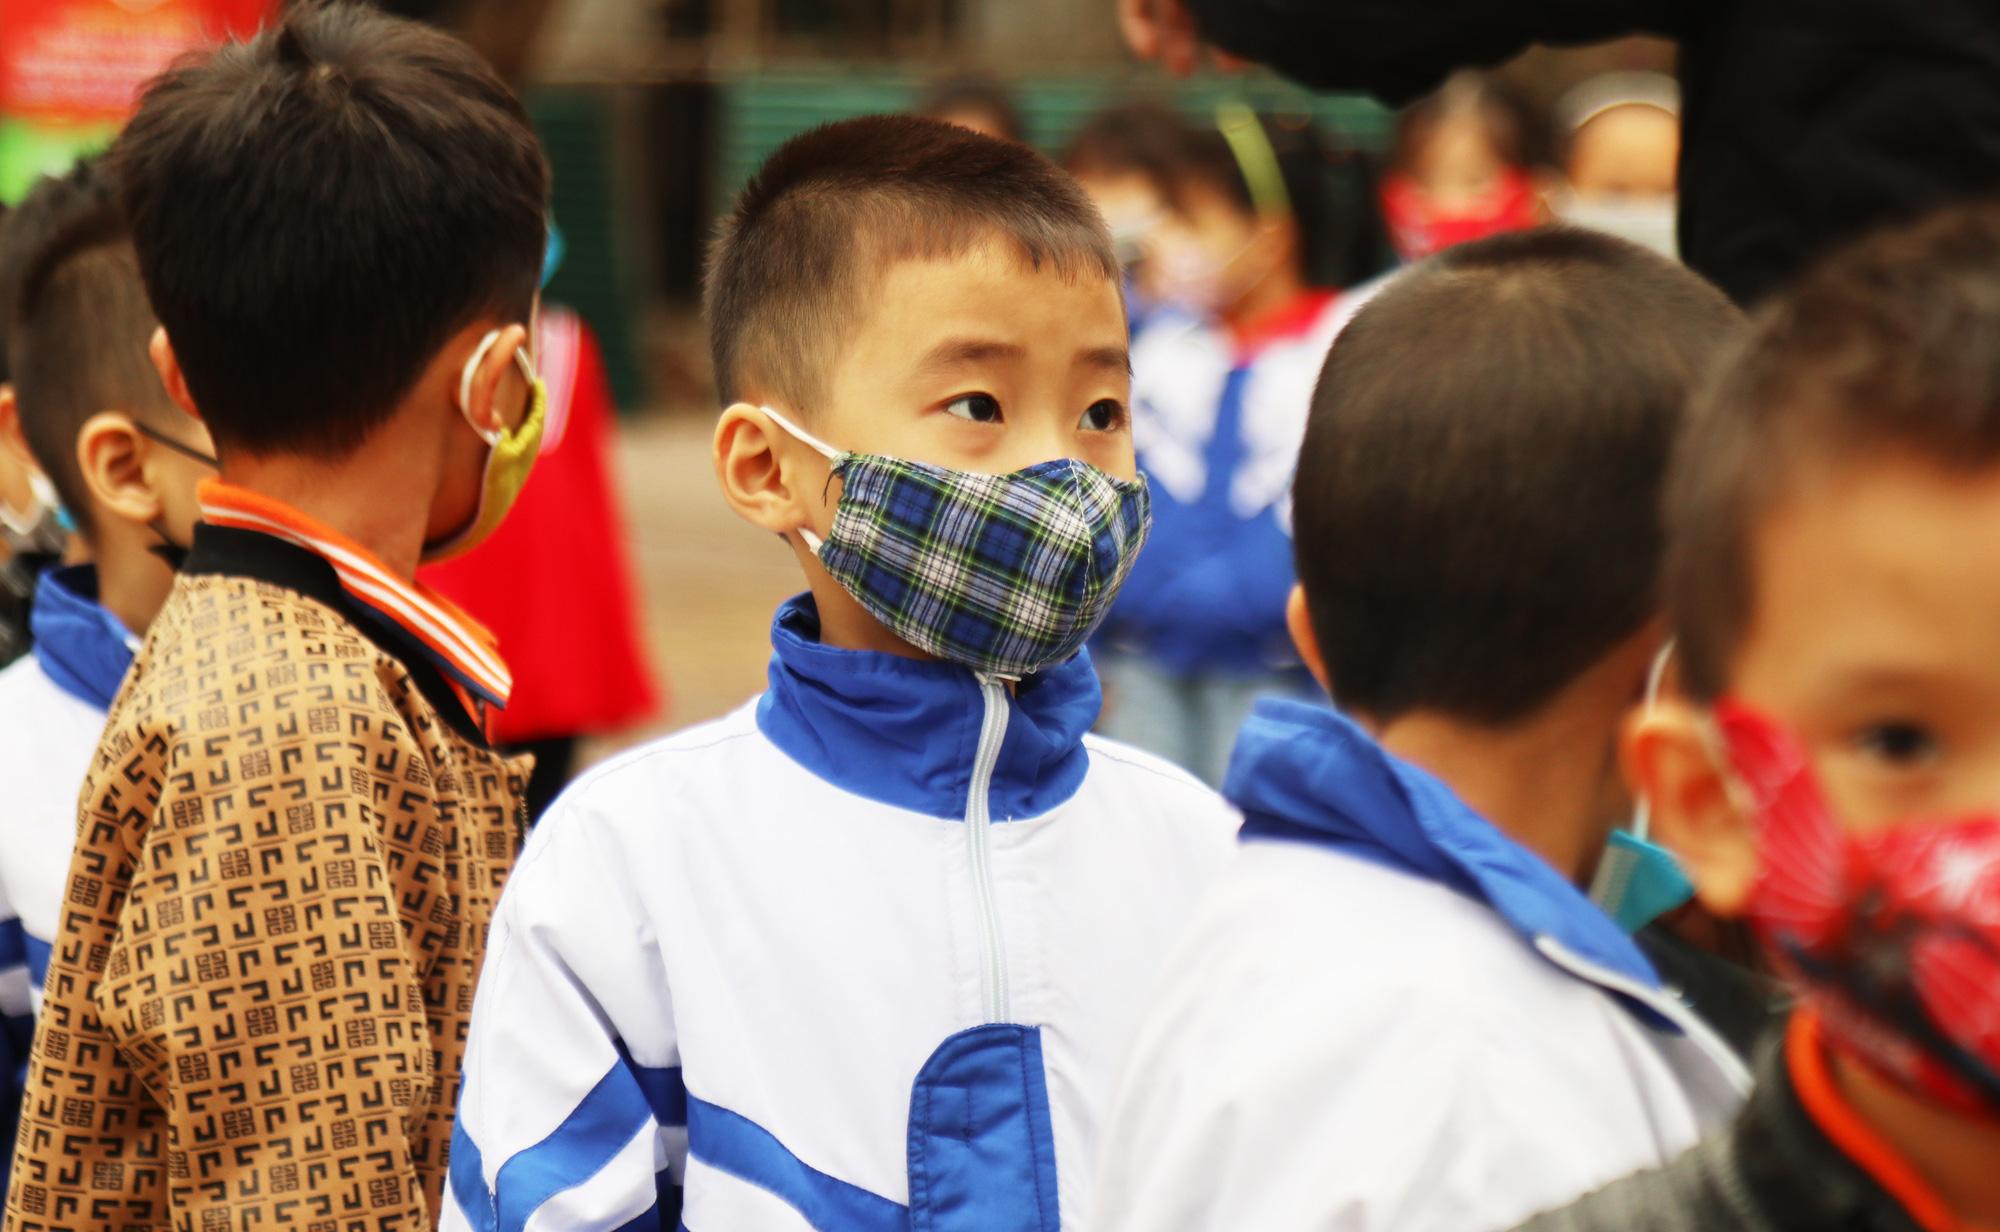 Học sinh đeo khẩu trang đến trường phòng chống dịch bệnh. (Ảnh qua tuoitre)